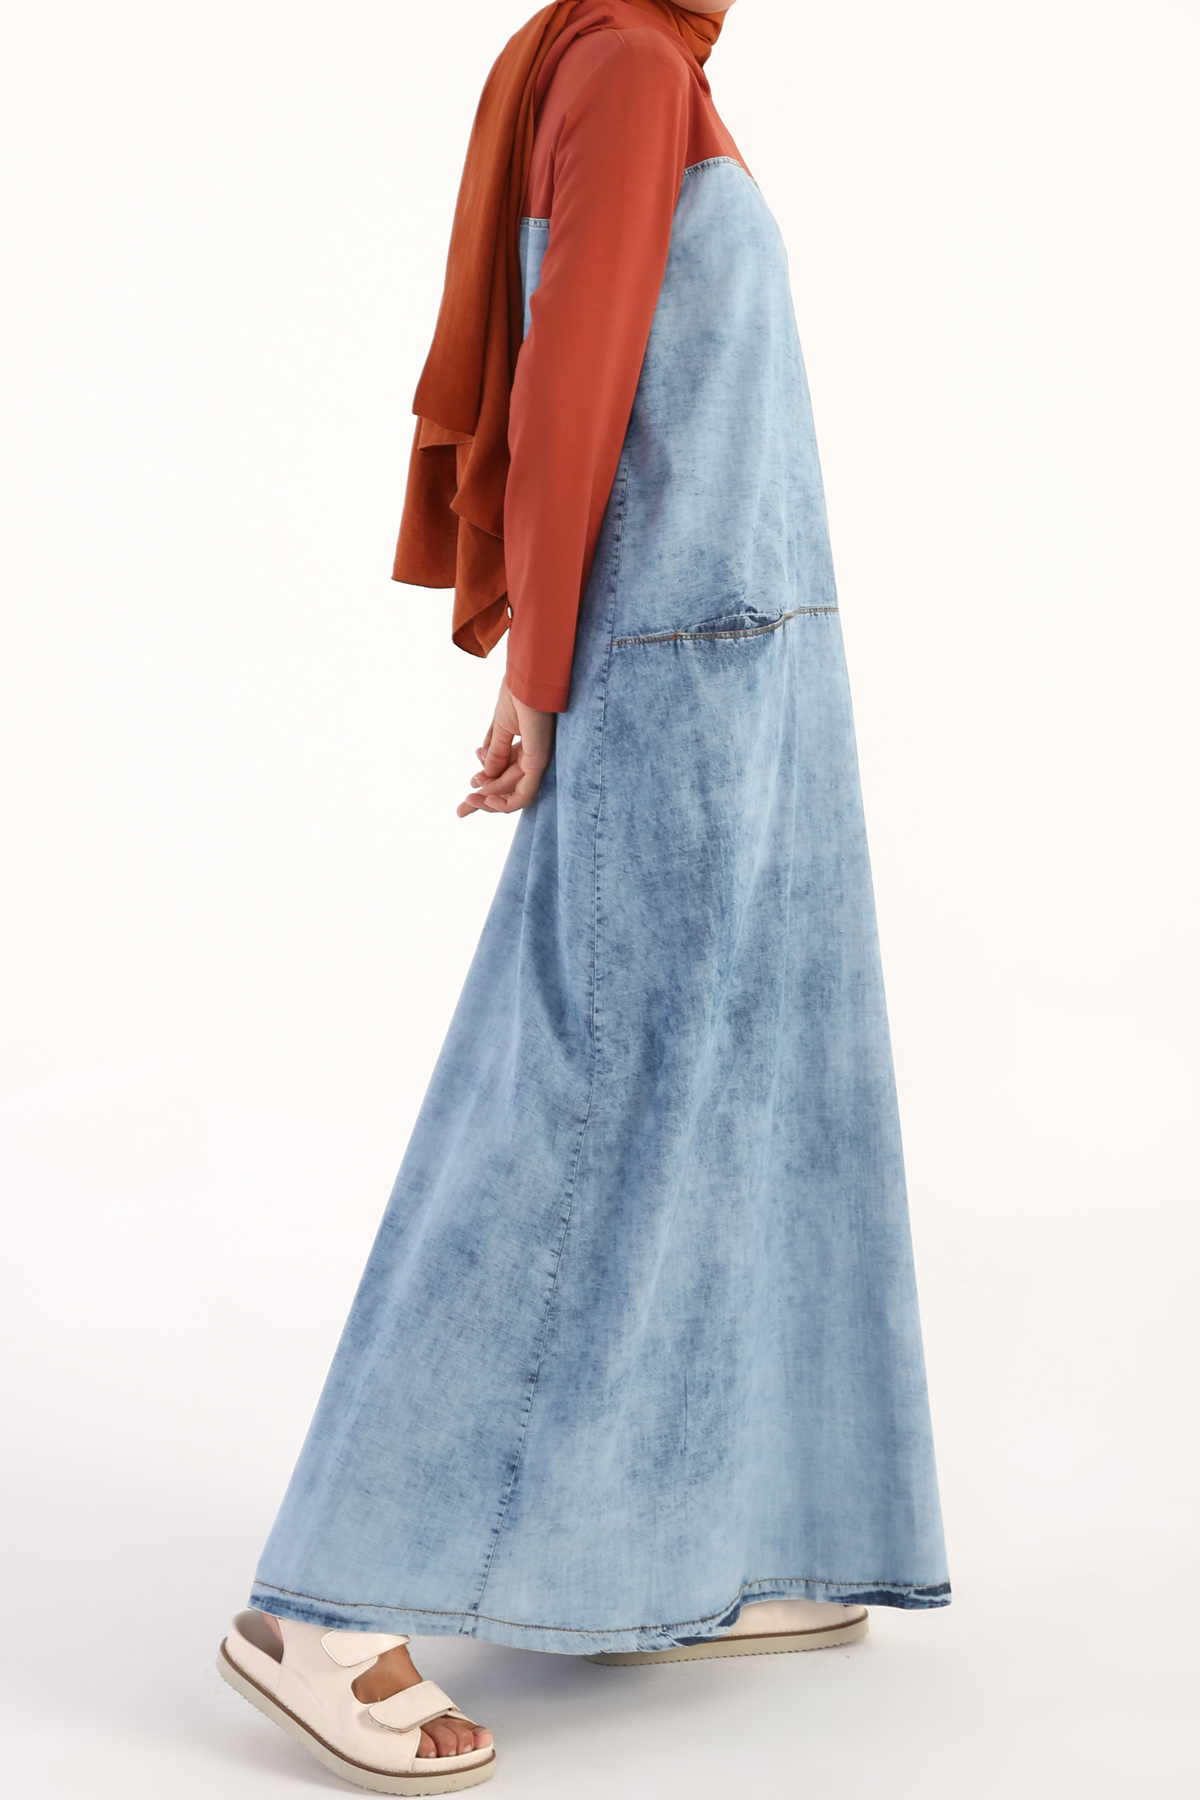 Hooded Cotton Long Jean Dress